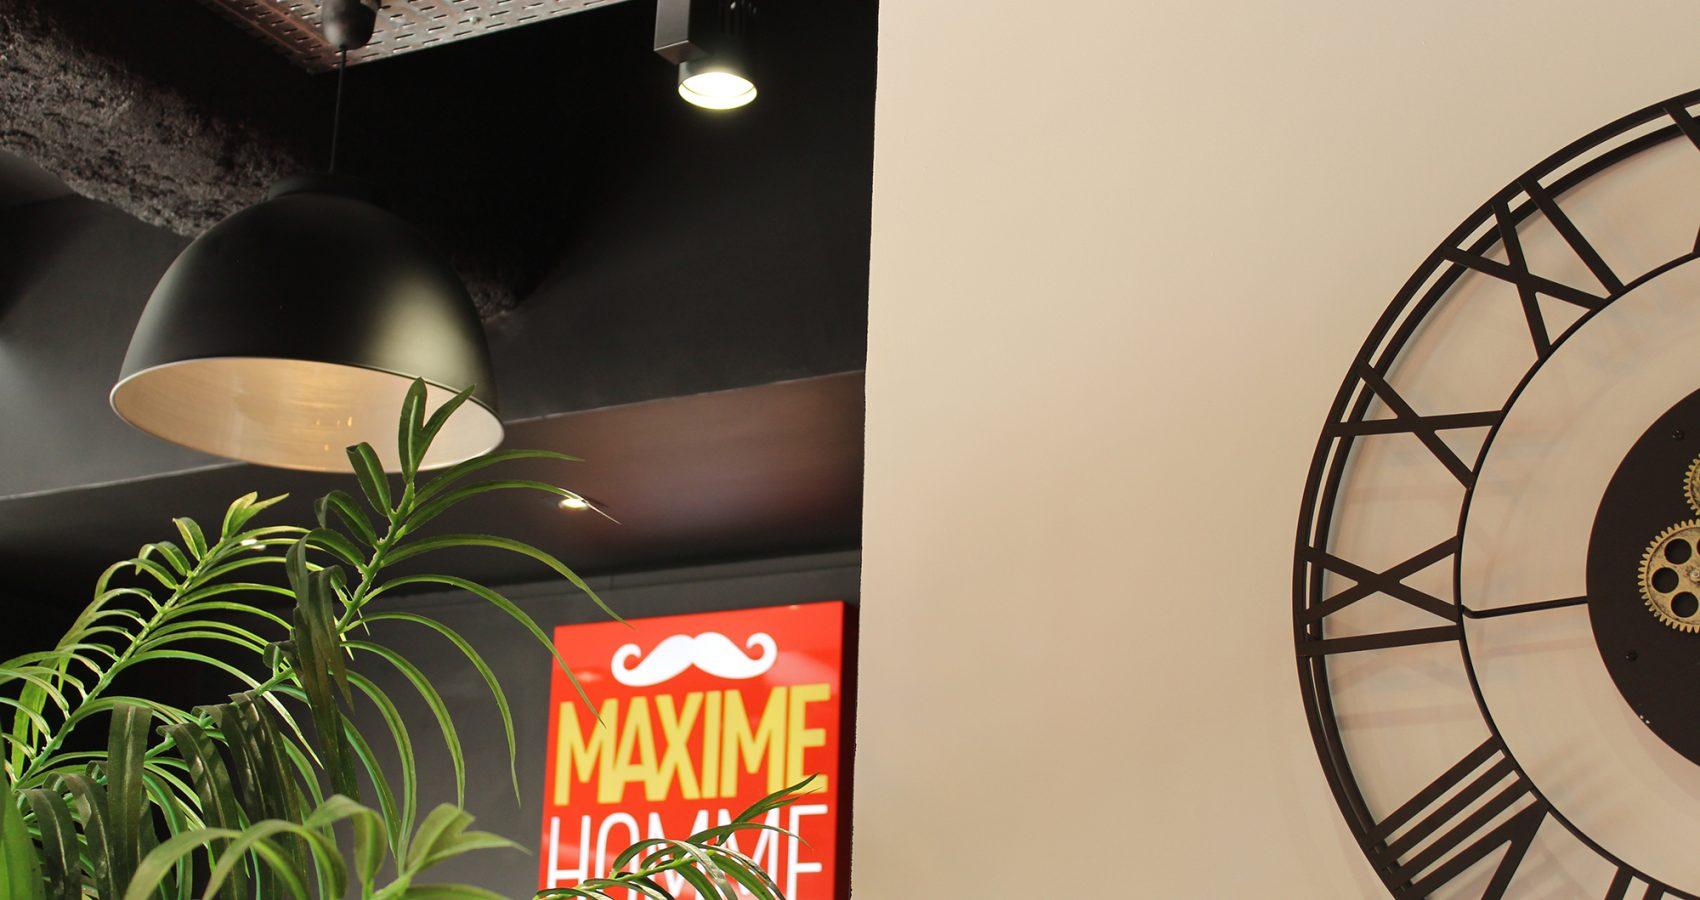 Maxime-homme-page-accueil-barbier-coiffeur-ambroise14